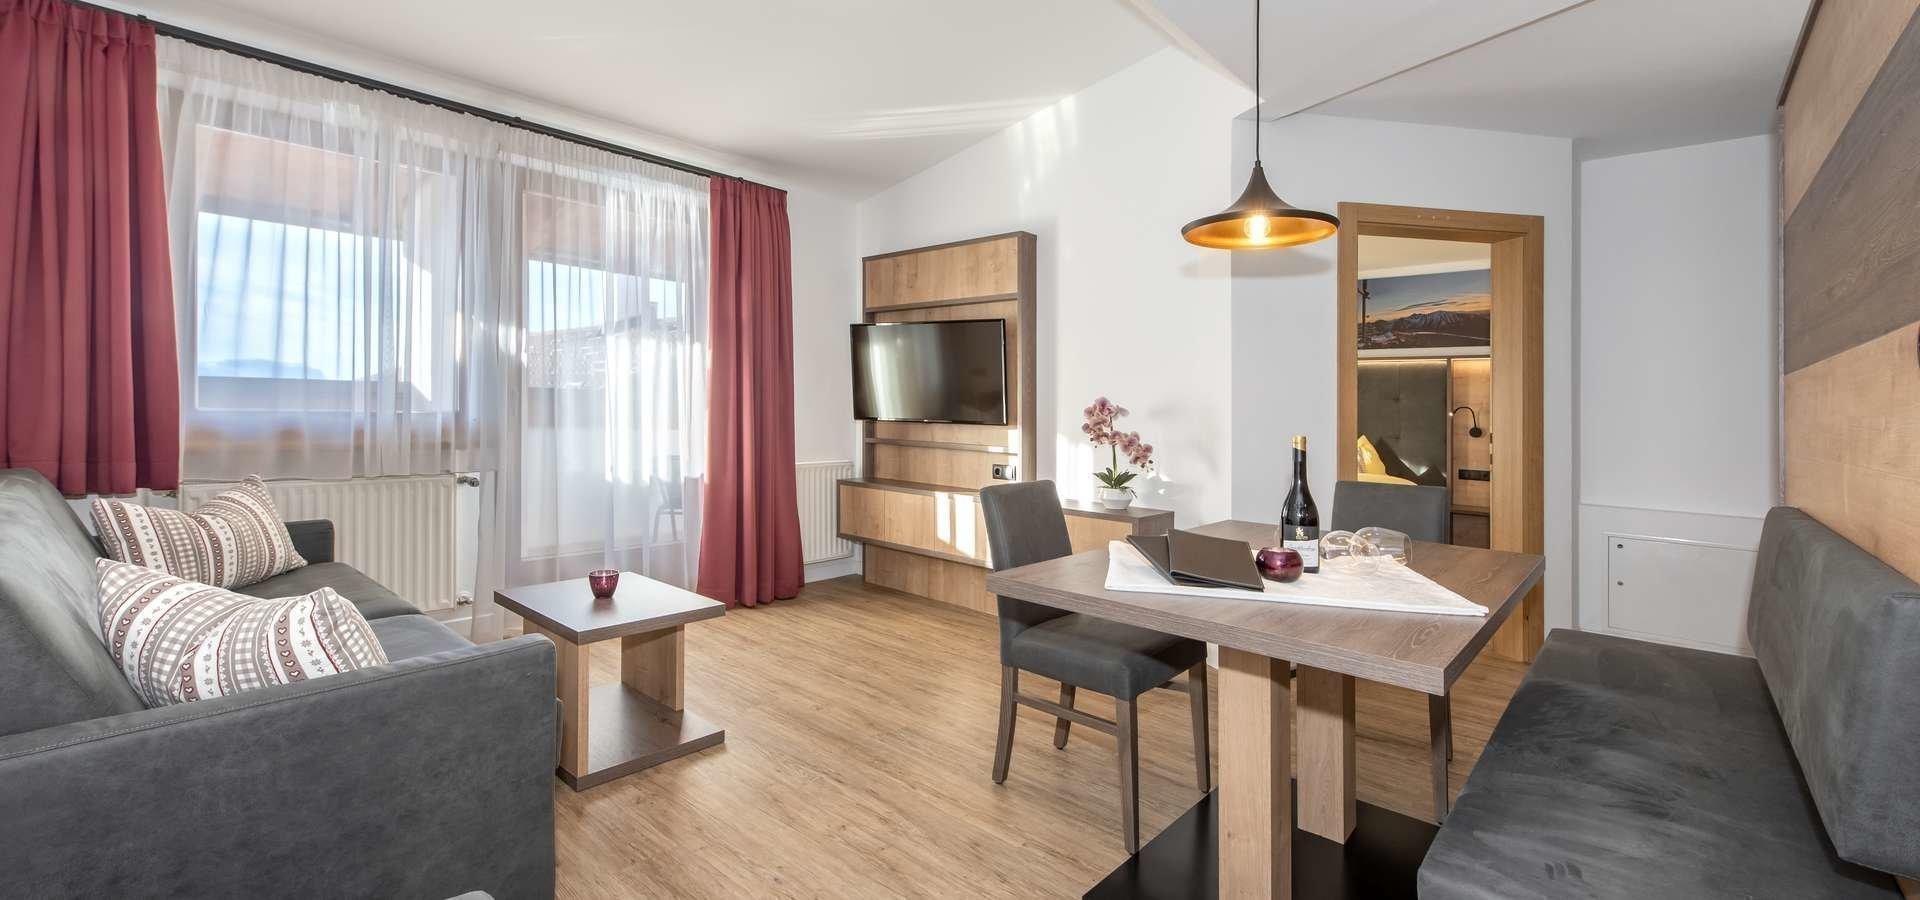 hotel-mesenhaus-gitschberg-jochtal